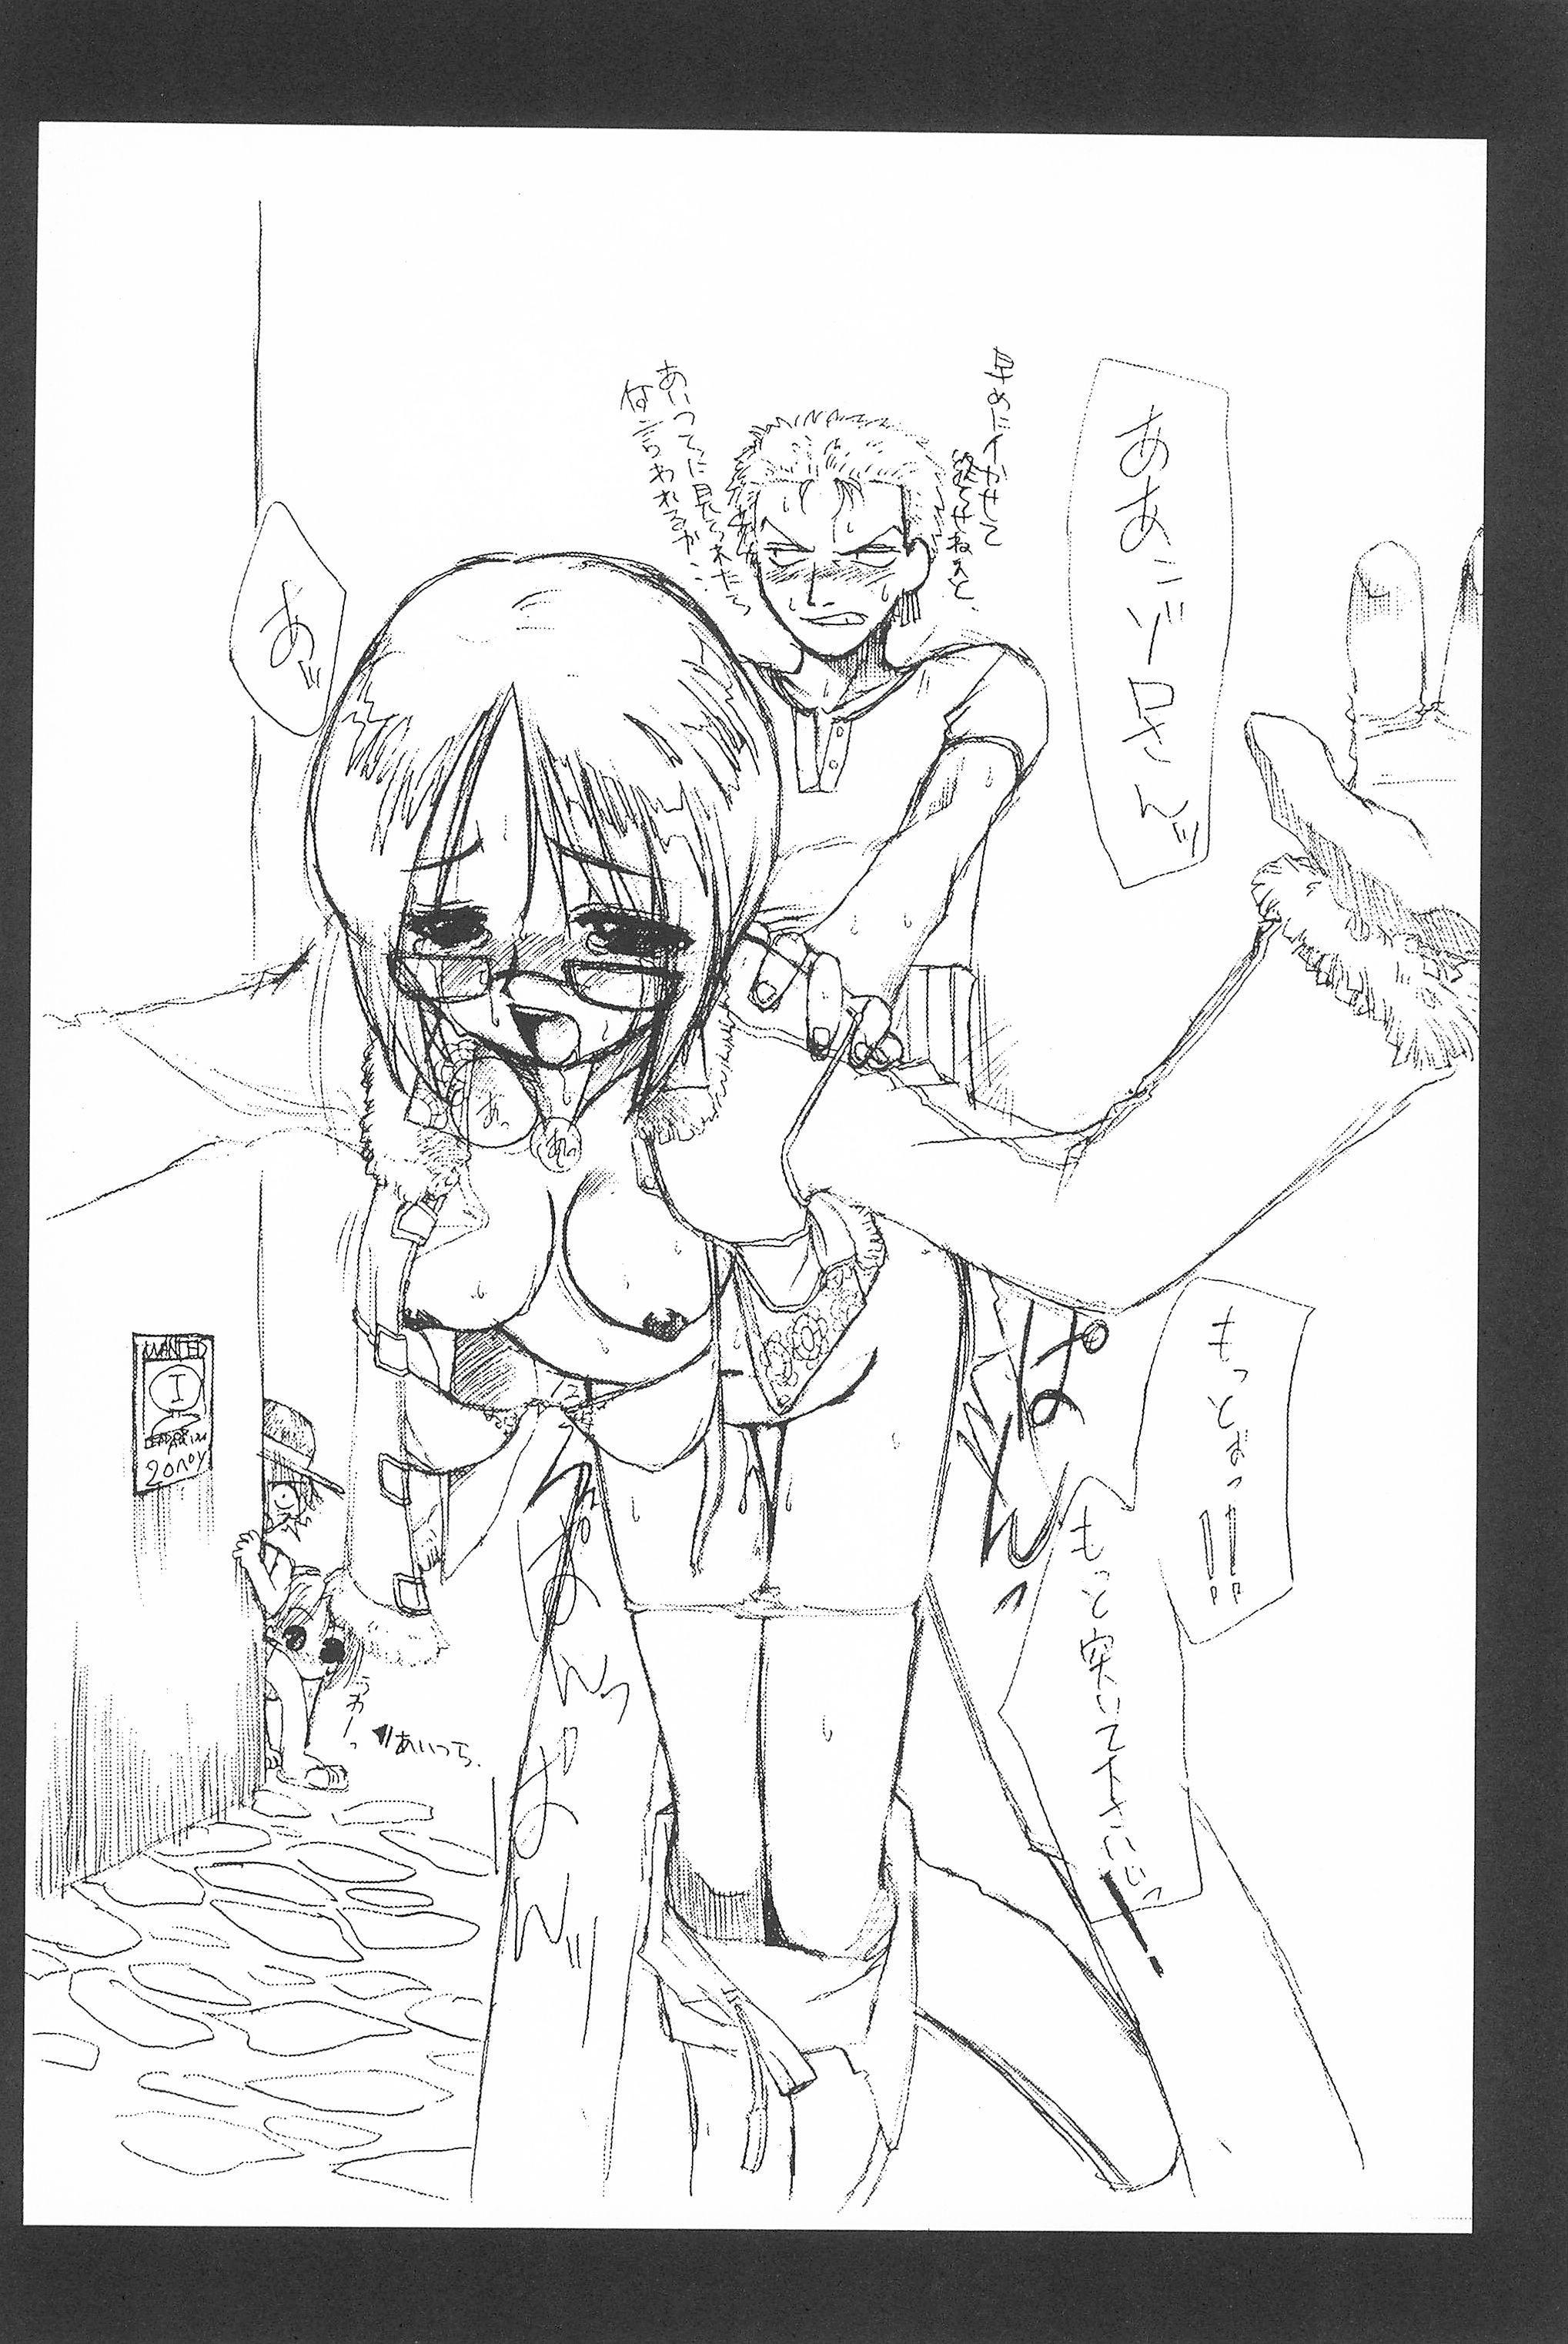 (SC22) [Shinobi no Yakata (Iwama Yoshiki) JEWEL-BOX 10 LOLITA-SARAD (Various) 63